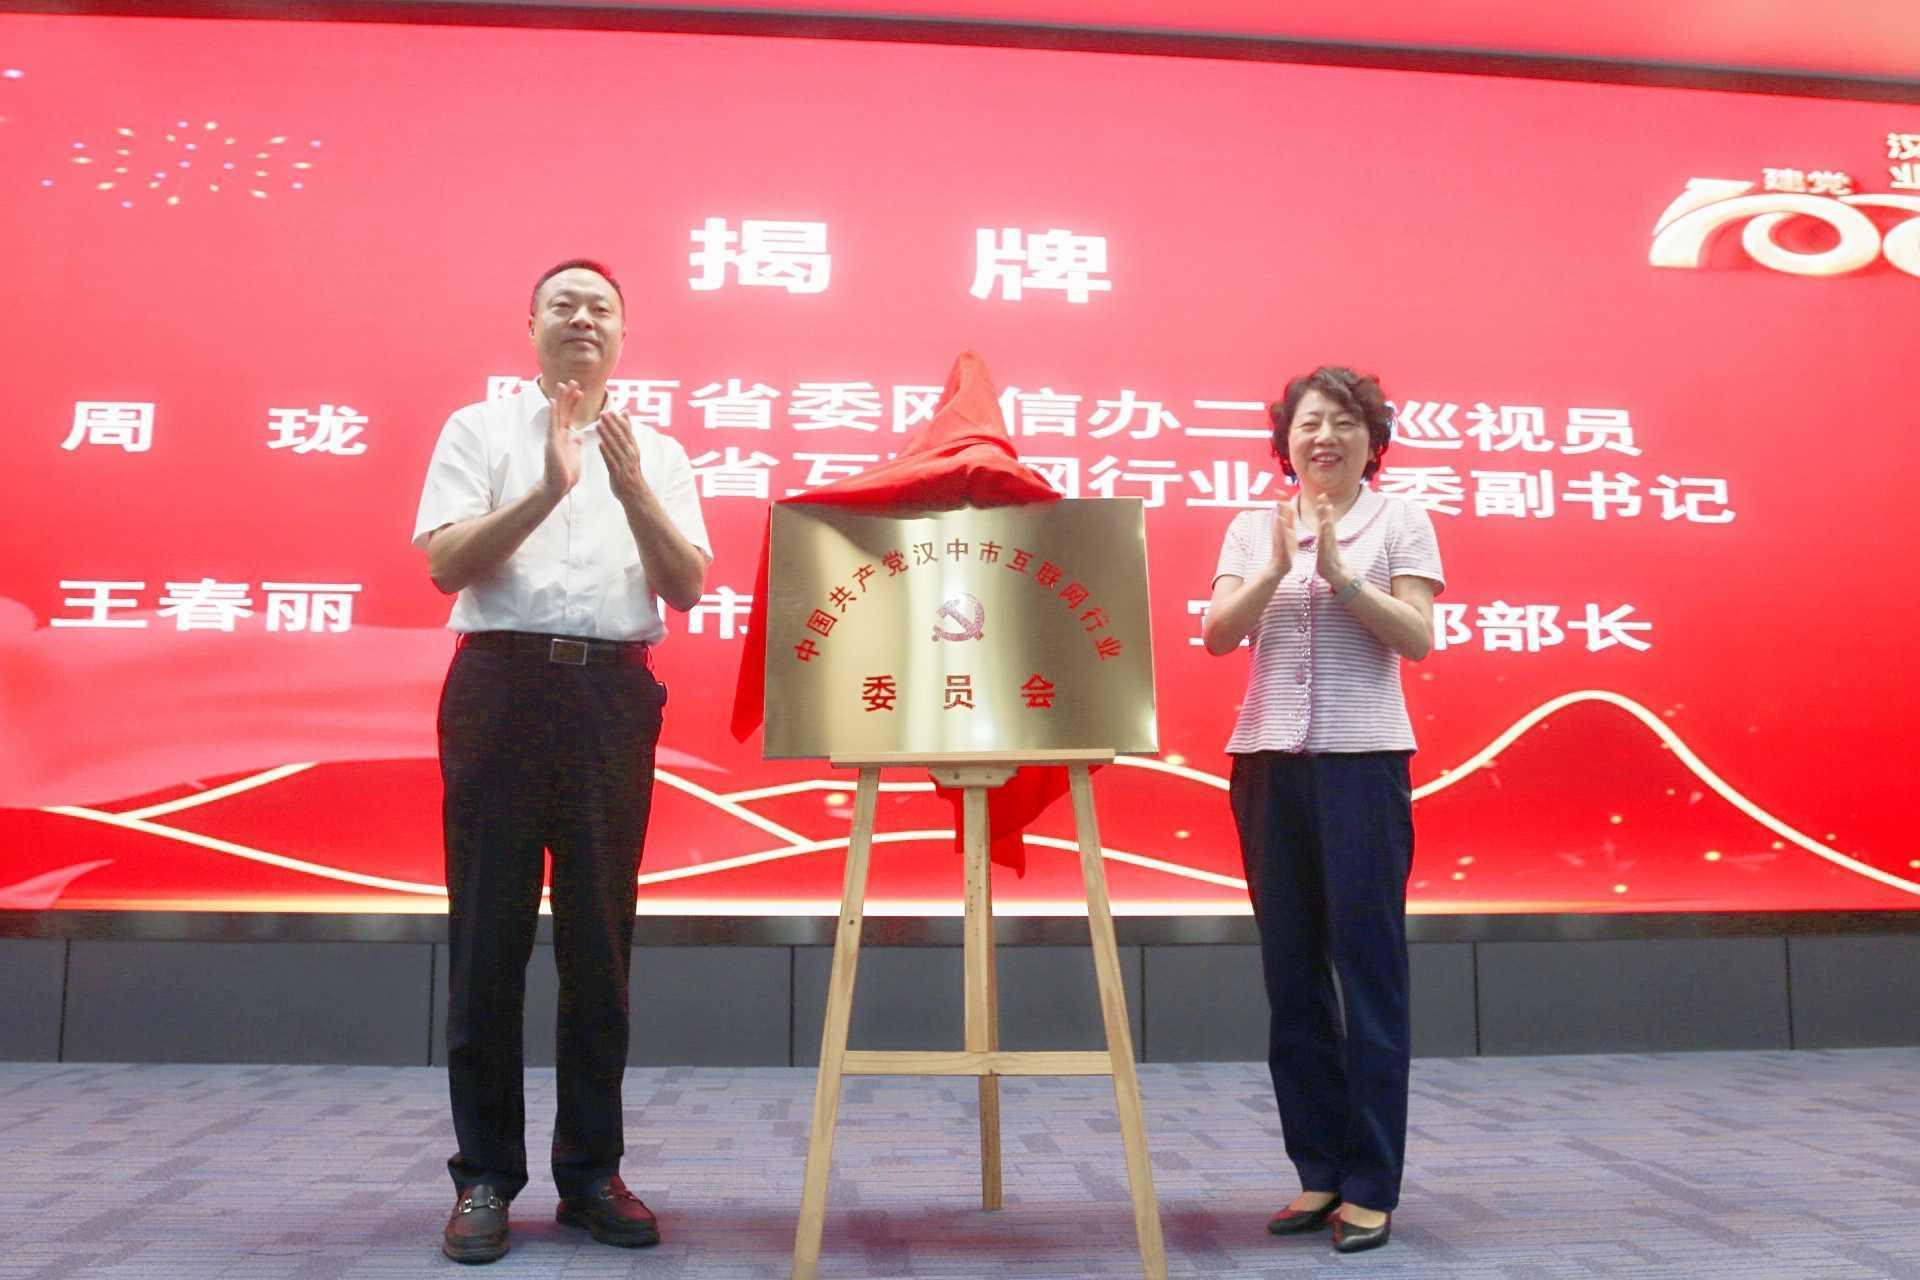 汉中市互联网行业党委正式揭牌成立